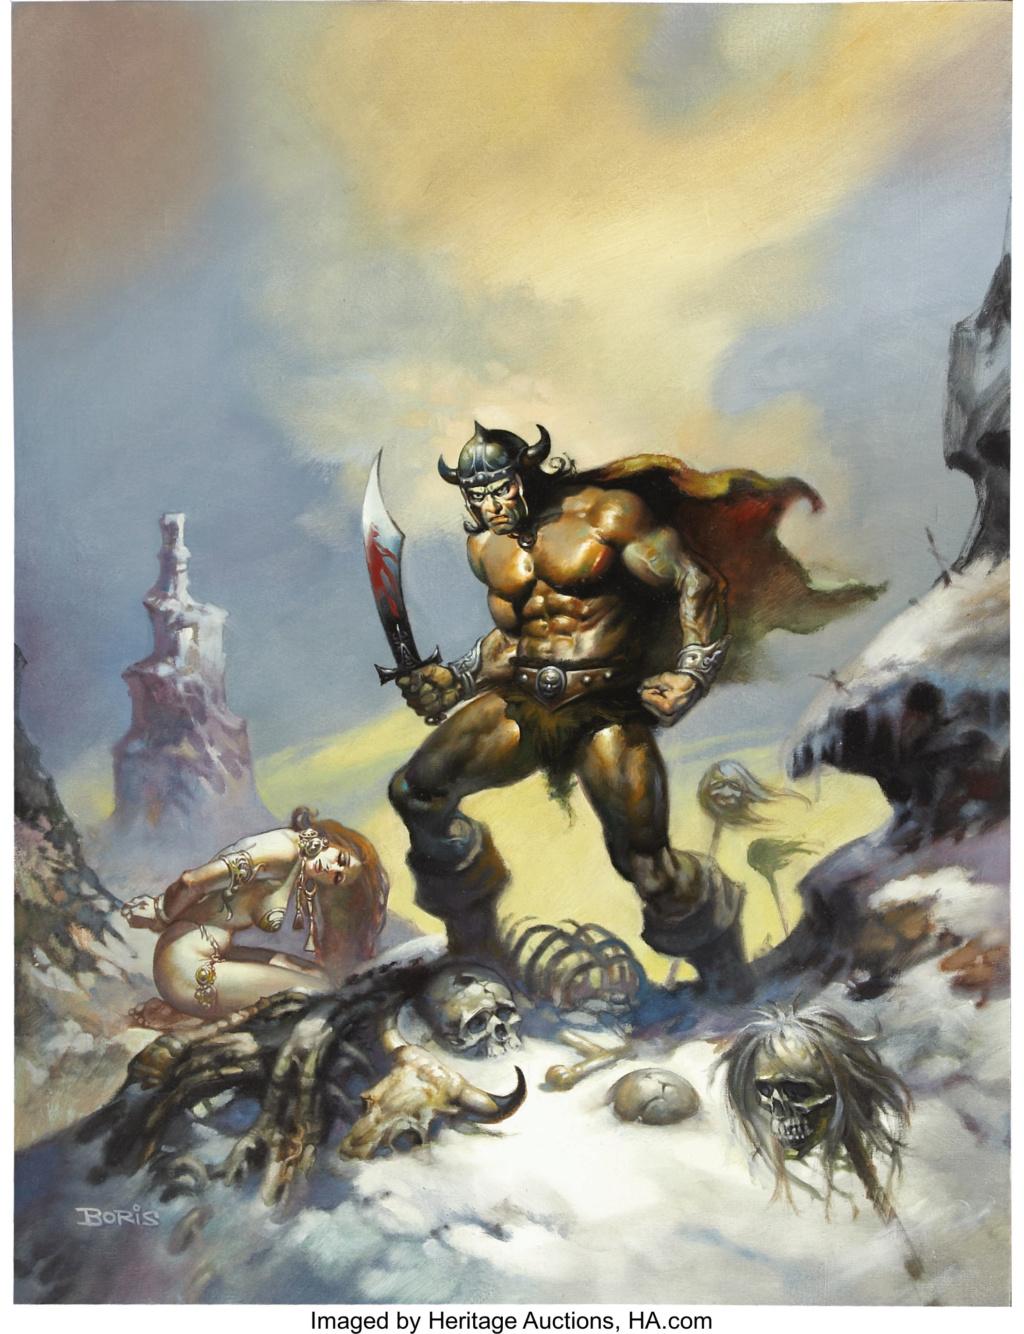 Mejor portada / dibujo / imagen - Page 6 Conan_10